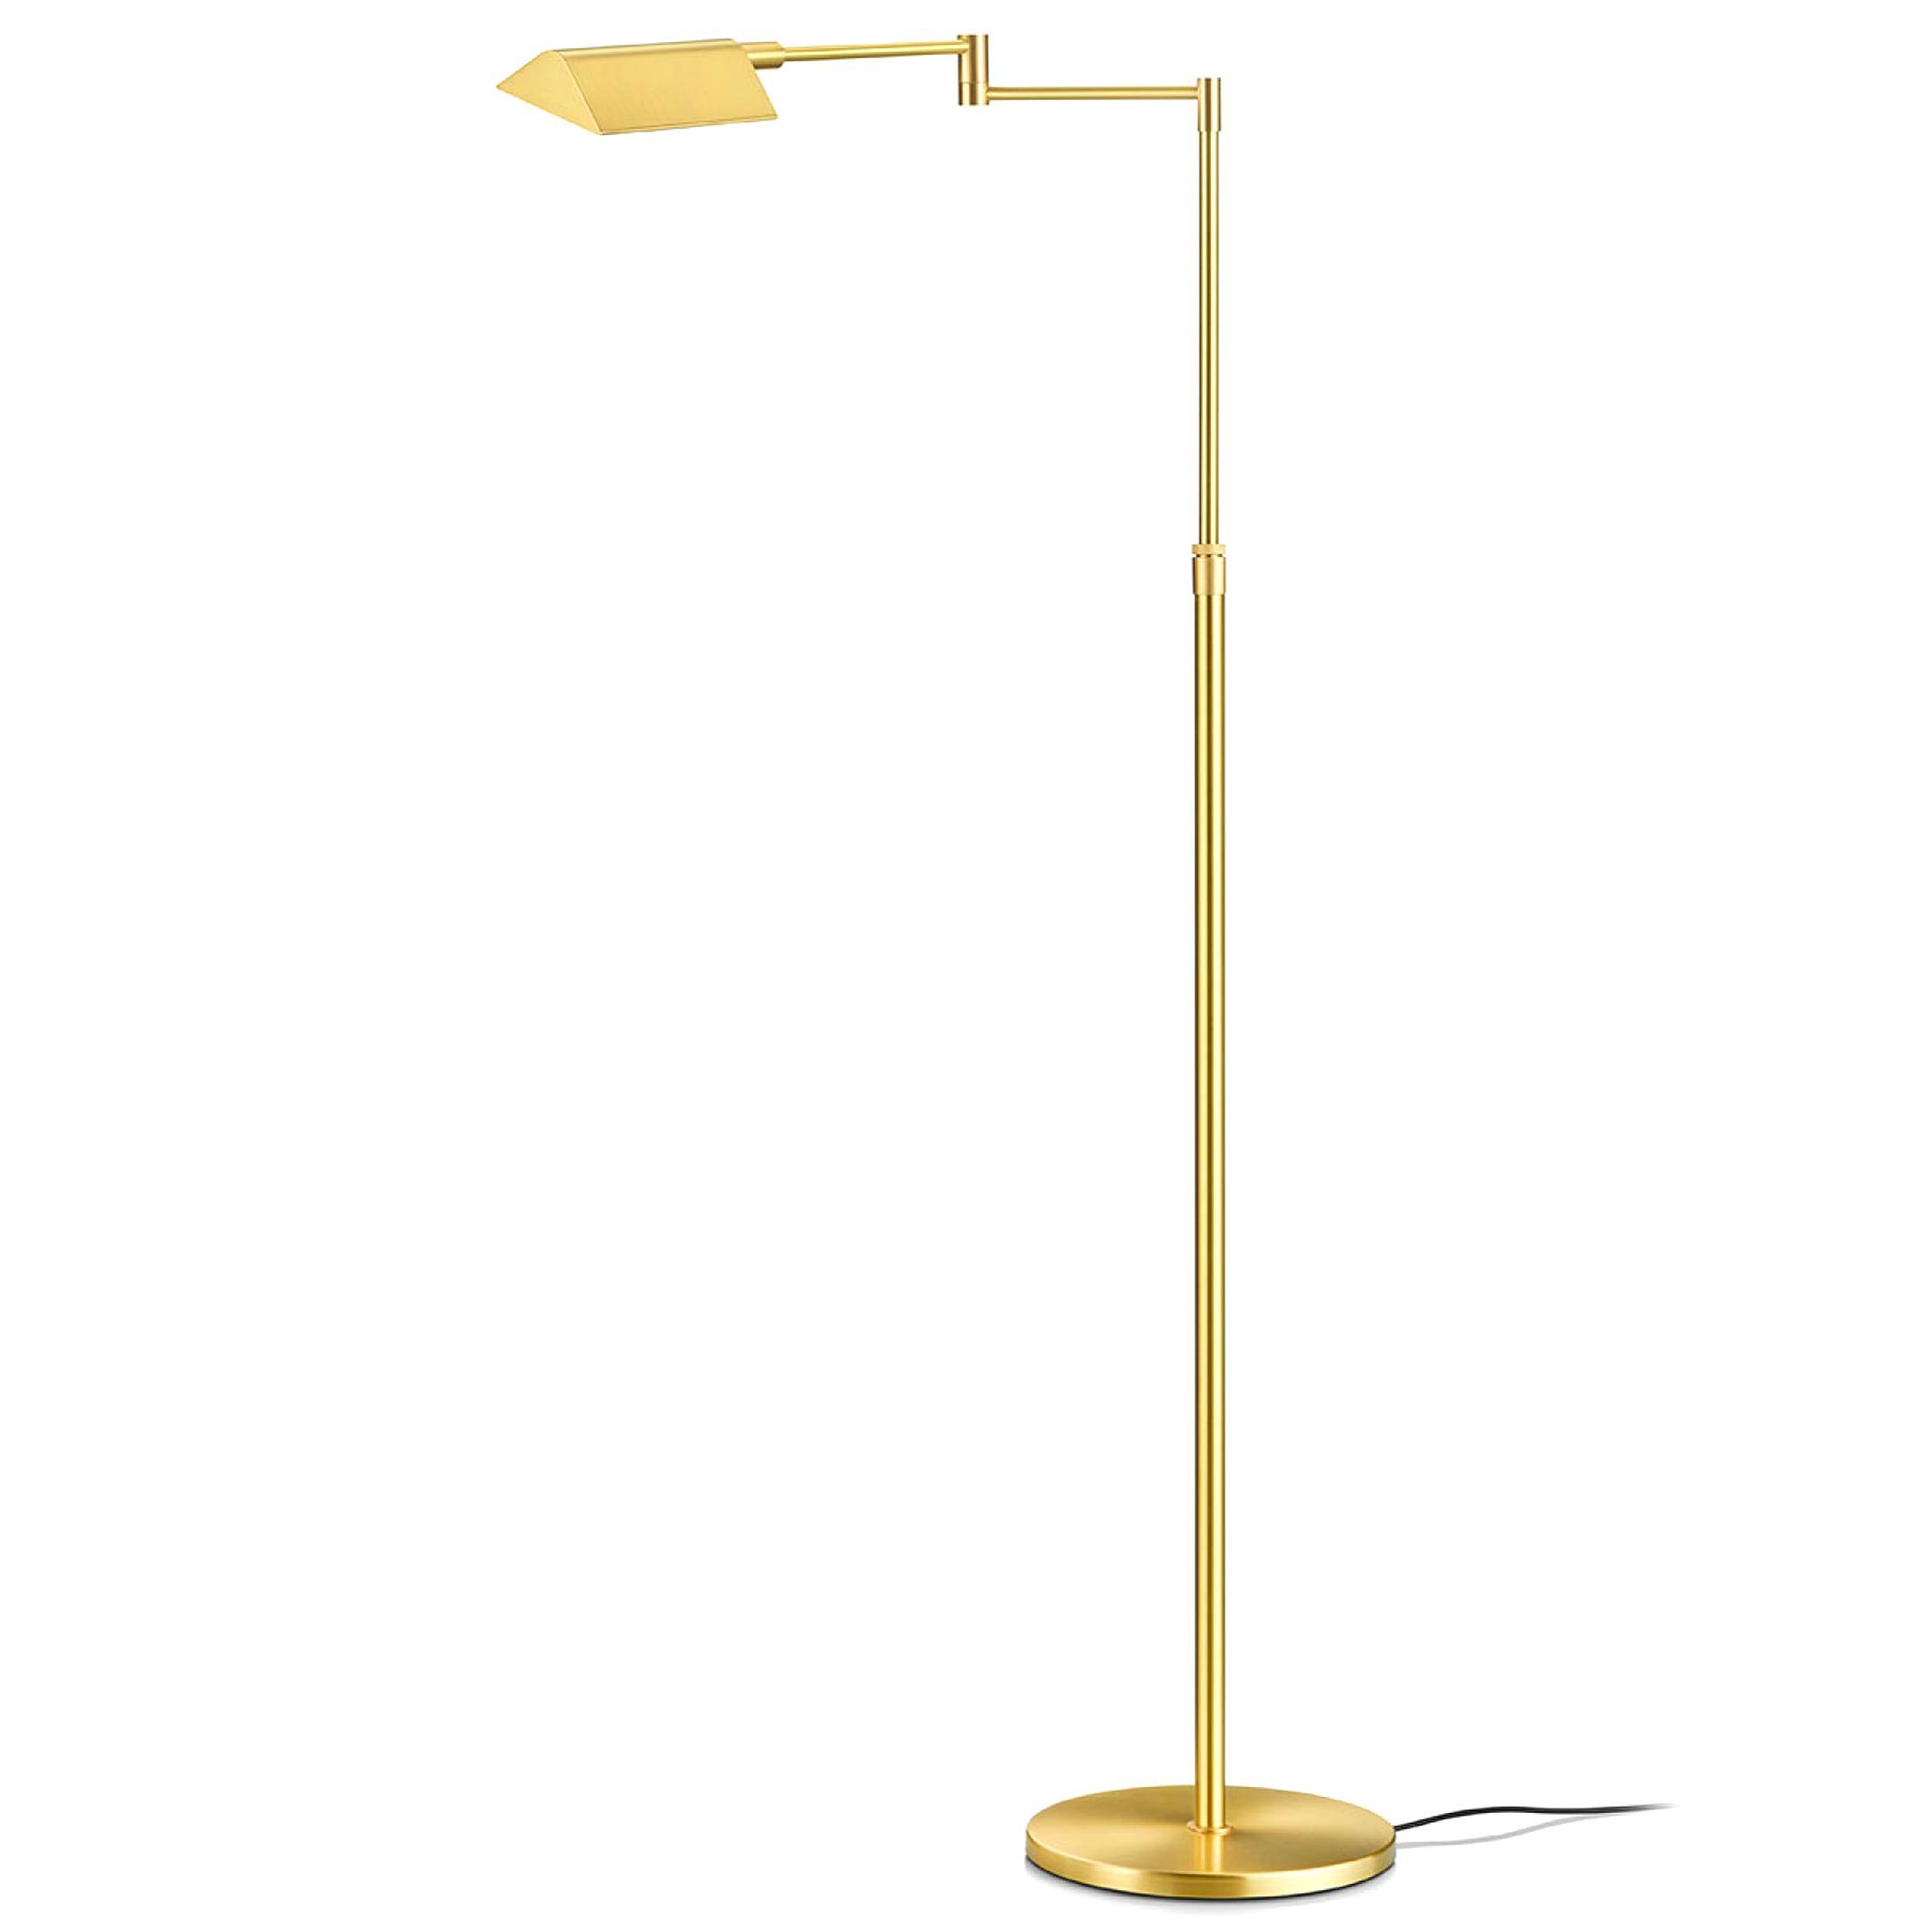 Stehlampe Messing Gebraucht Kaufen Nur 2 St Bis 60 Gunstiger